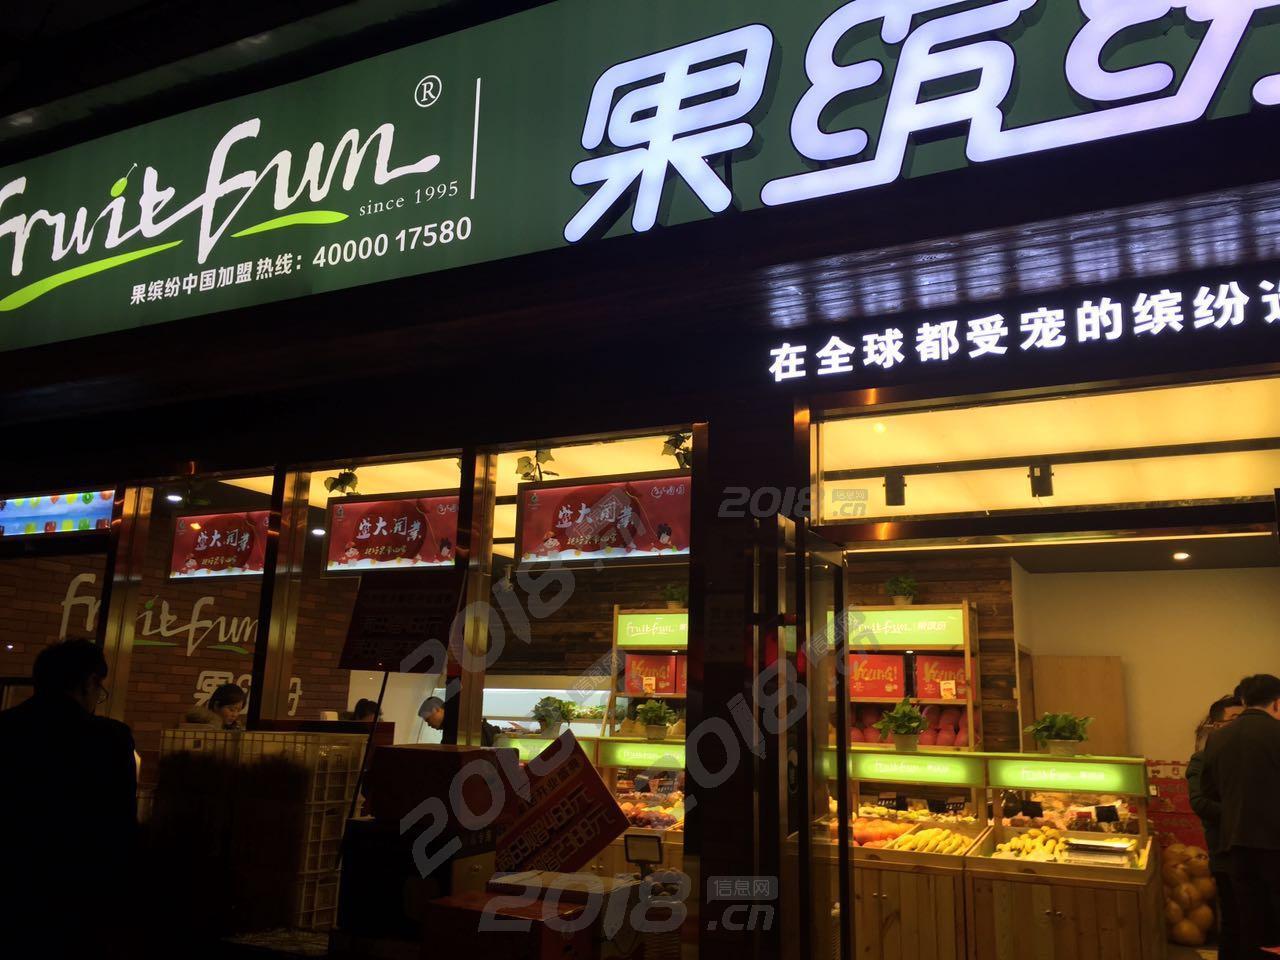 2018新零售兴起,加盟连锁水果店成为行业趋势